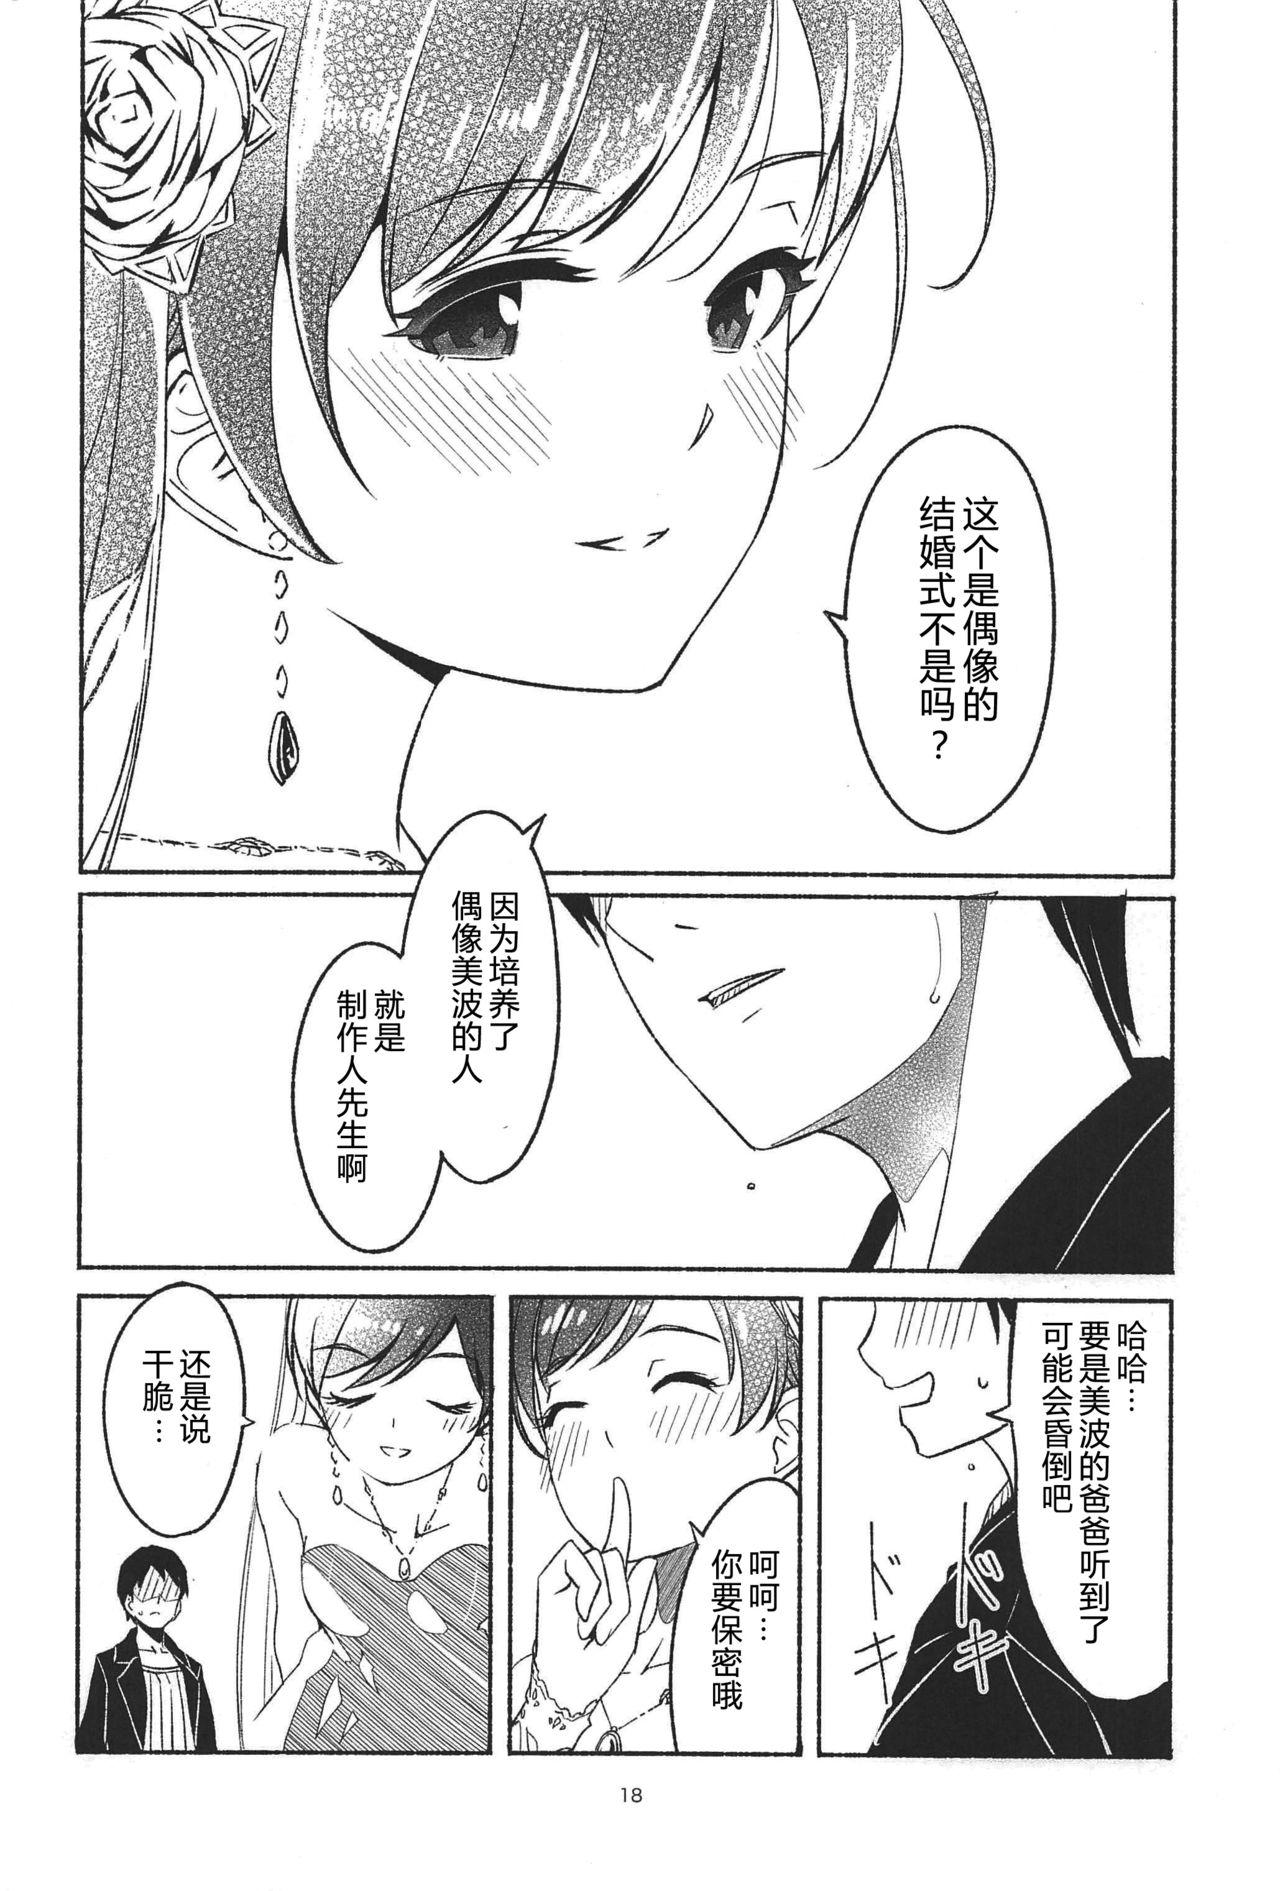 Nagisa no Hanayome 21